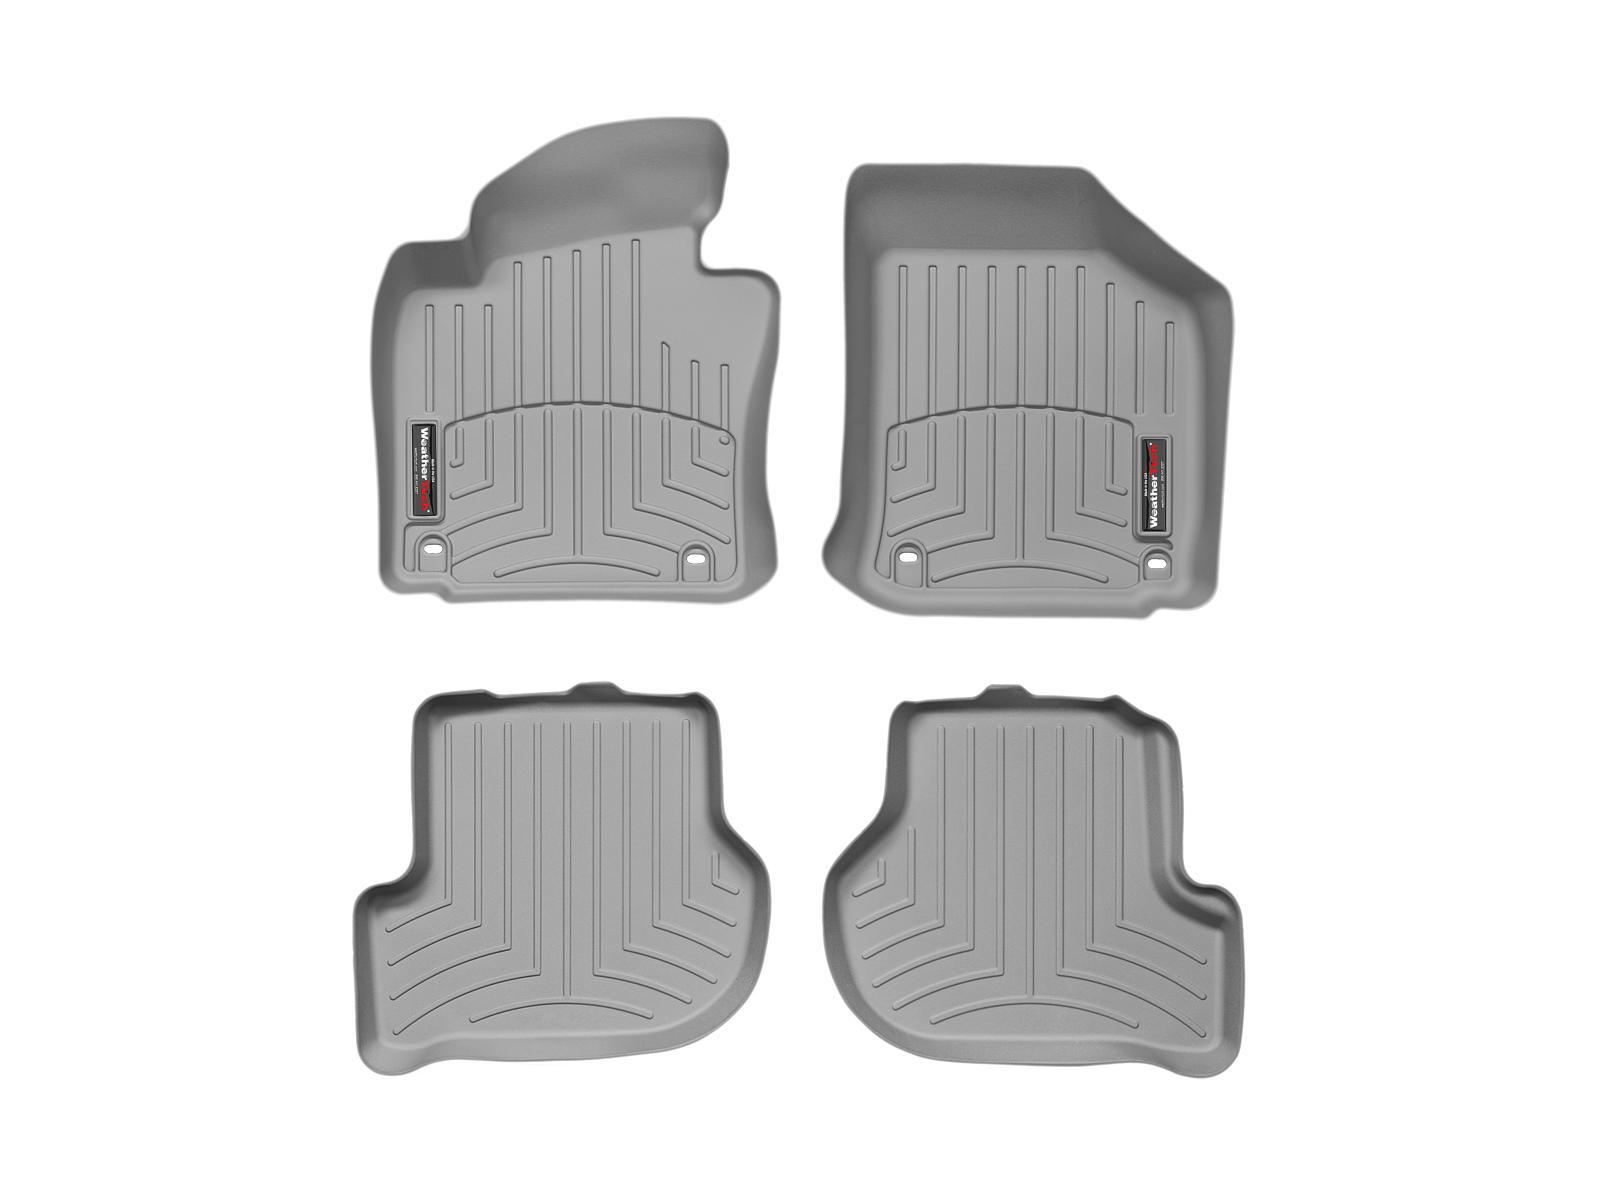 Tappeti gomma su misura bordo alto Volkswagen Golf GT 05>09 Grigio A4072*